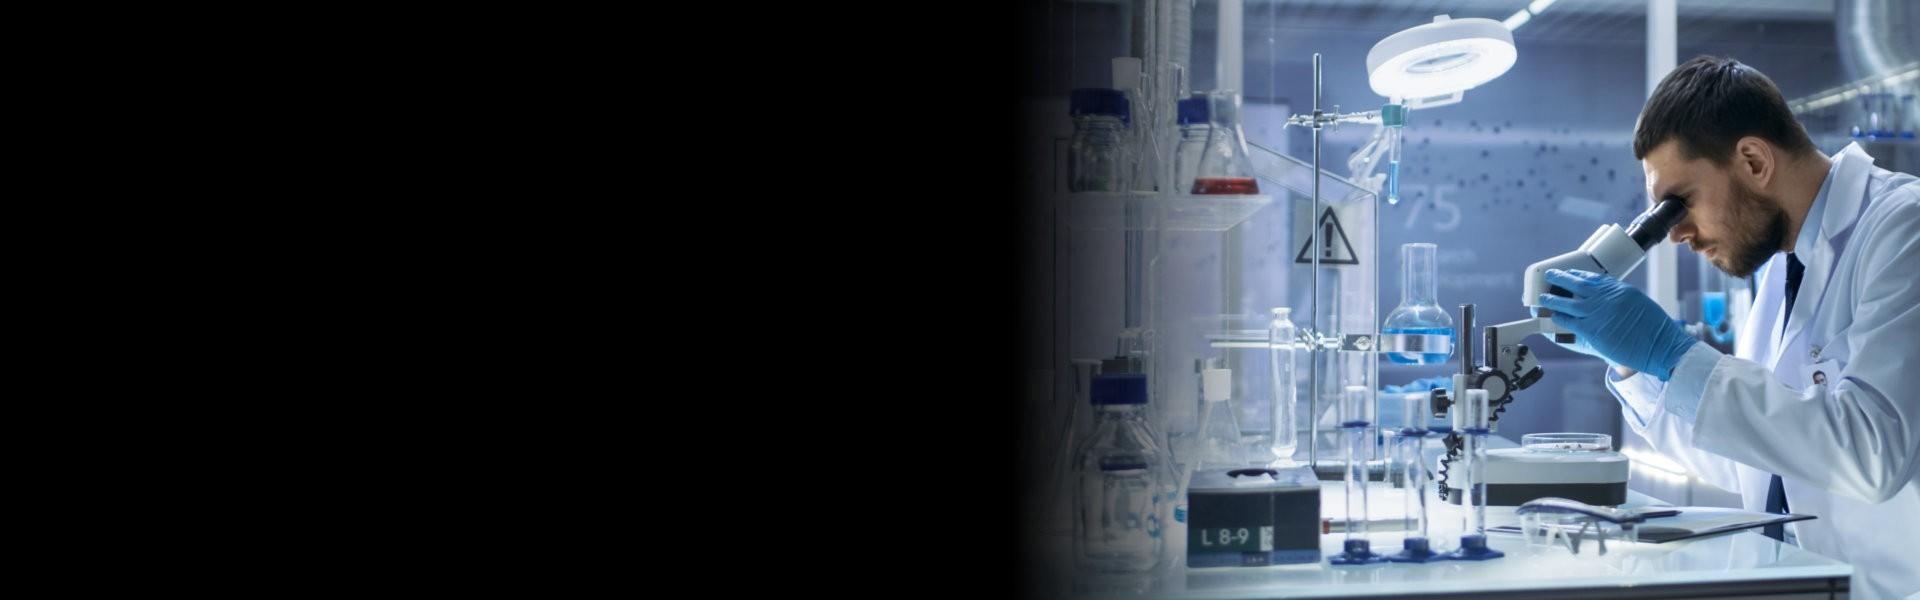 Strumenti per il laboratorio